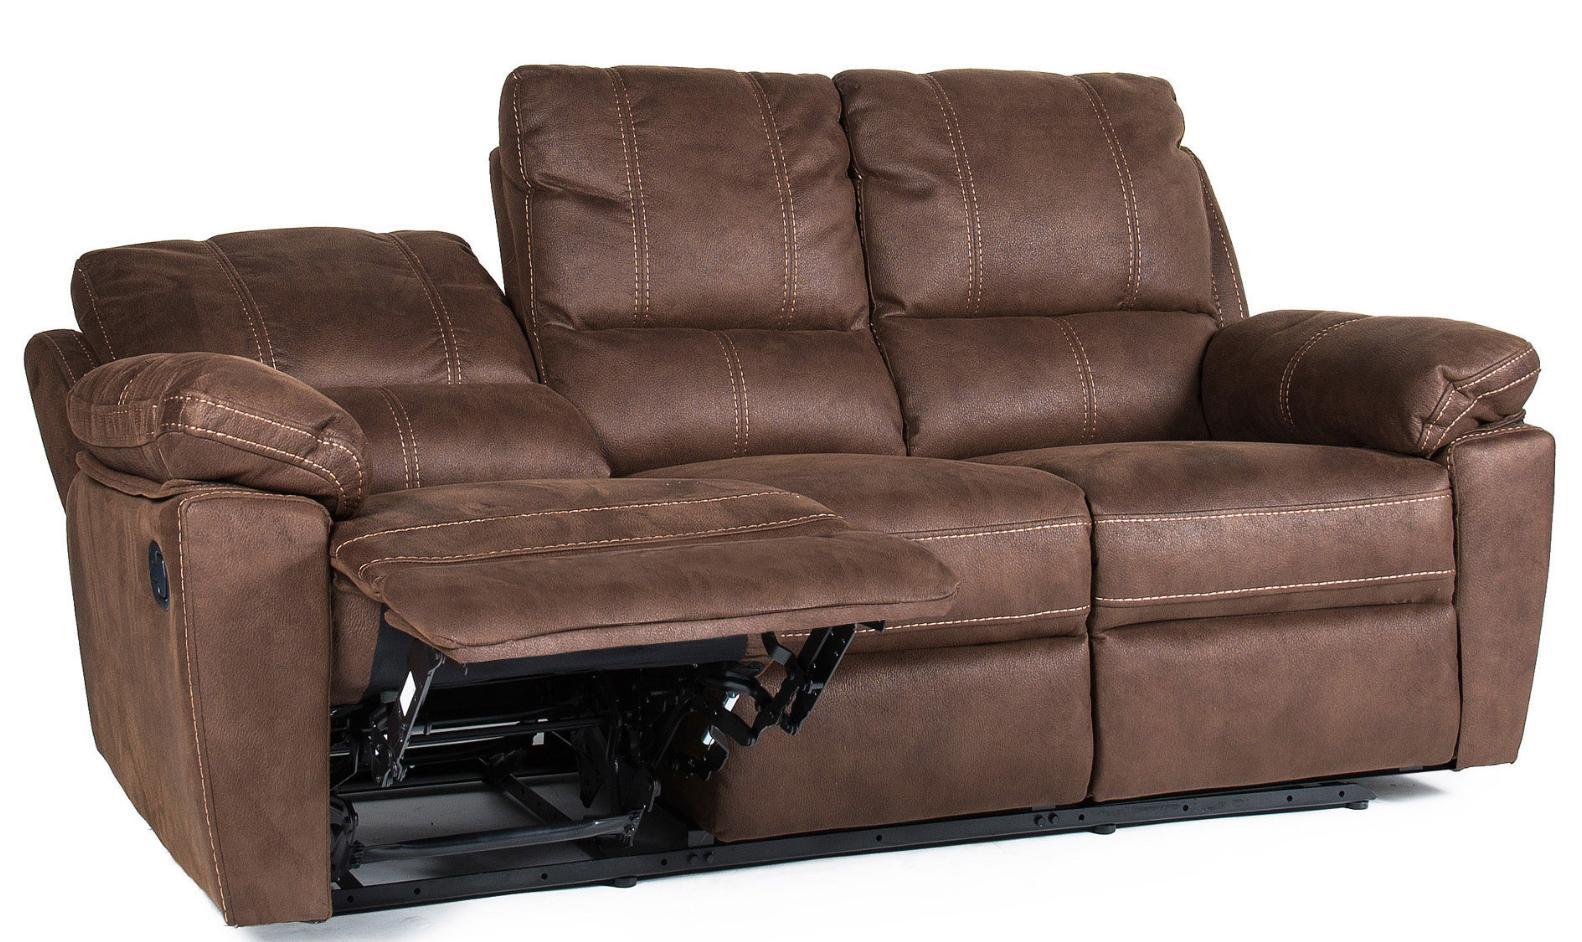 canap de relaxation 3 places manuel cuir marron avec surpiq re duck. Black Bedroom Furniture Sets. Home Design Ideas